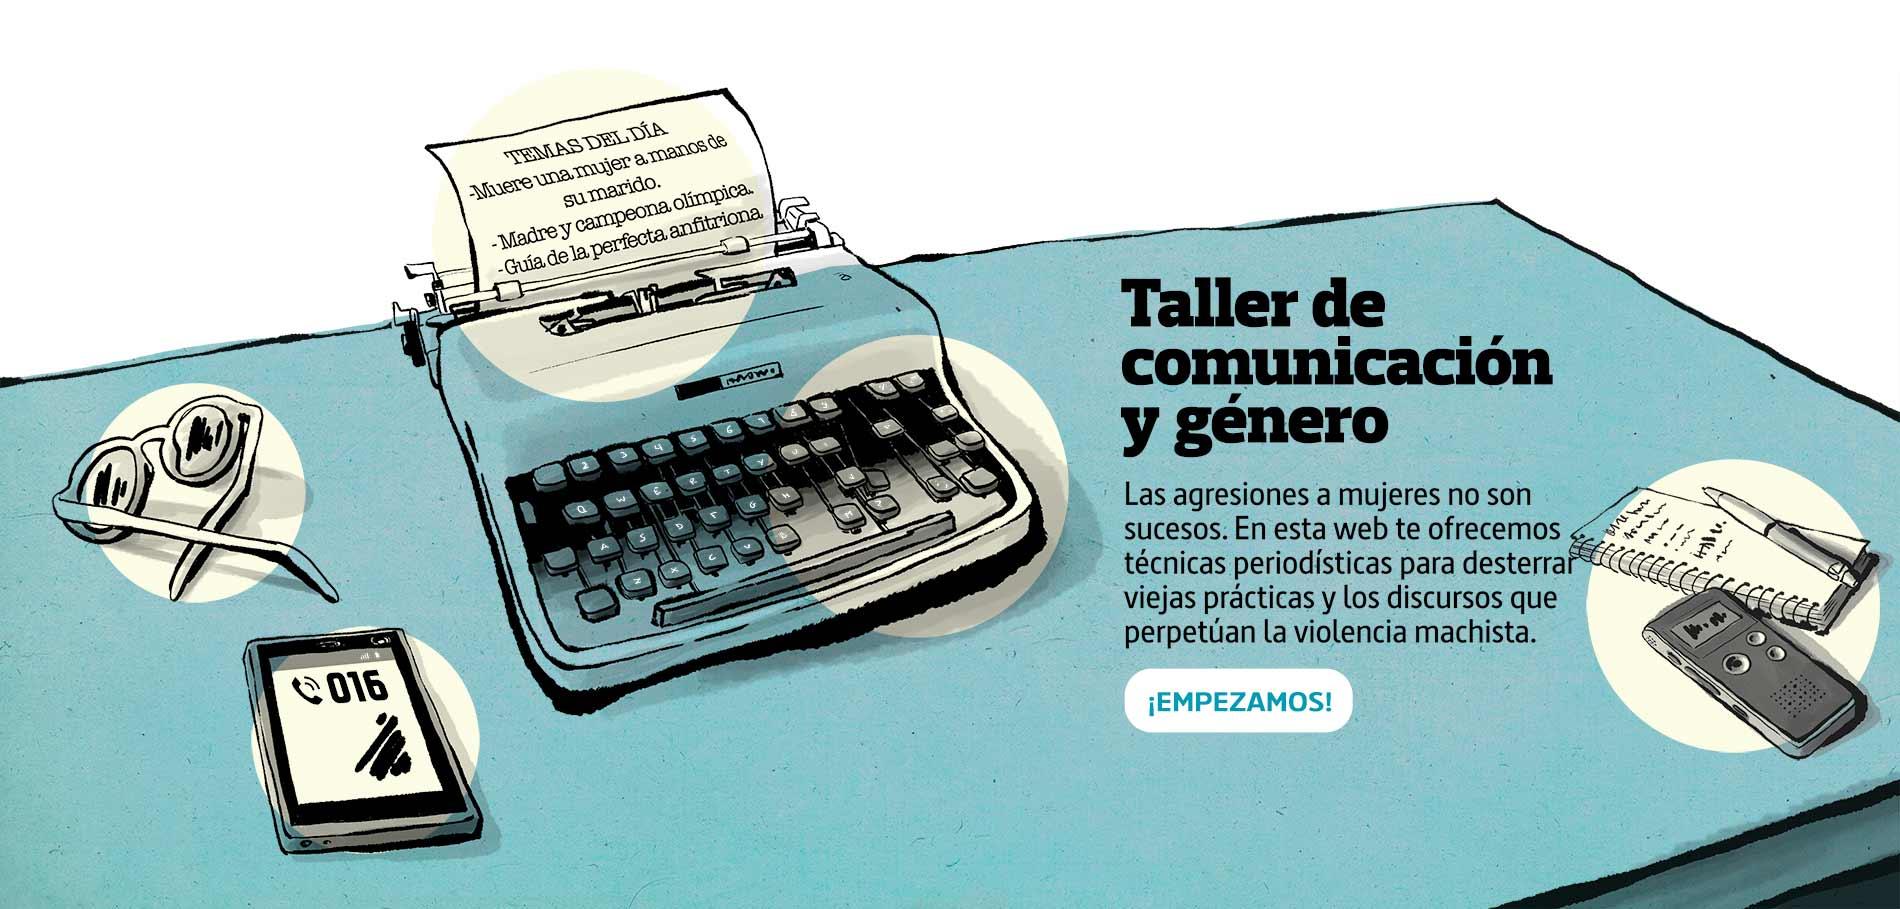 #informarsobreviolenciamachista